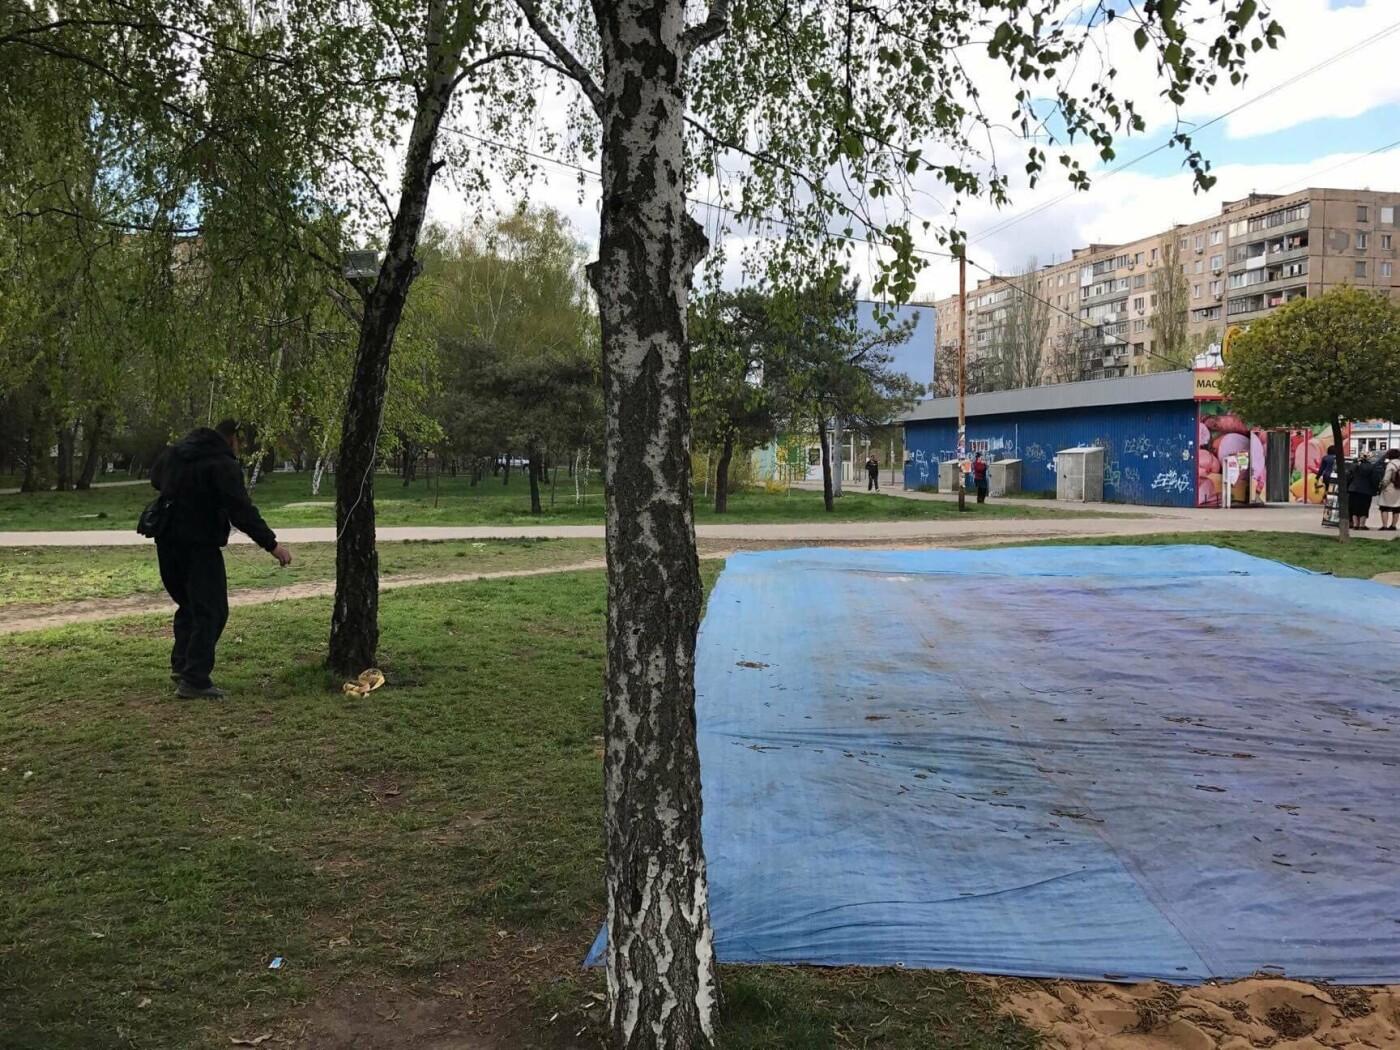 В Николаеве демонтировали и изъяли незаконный надувной батут, - ФОТО, фото-2